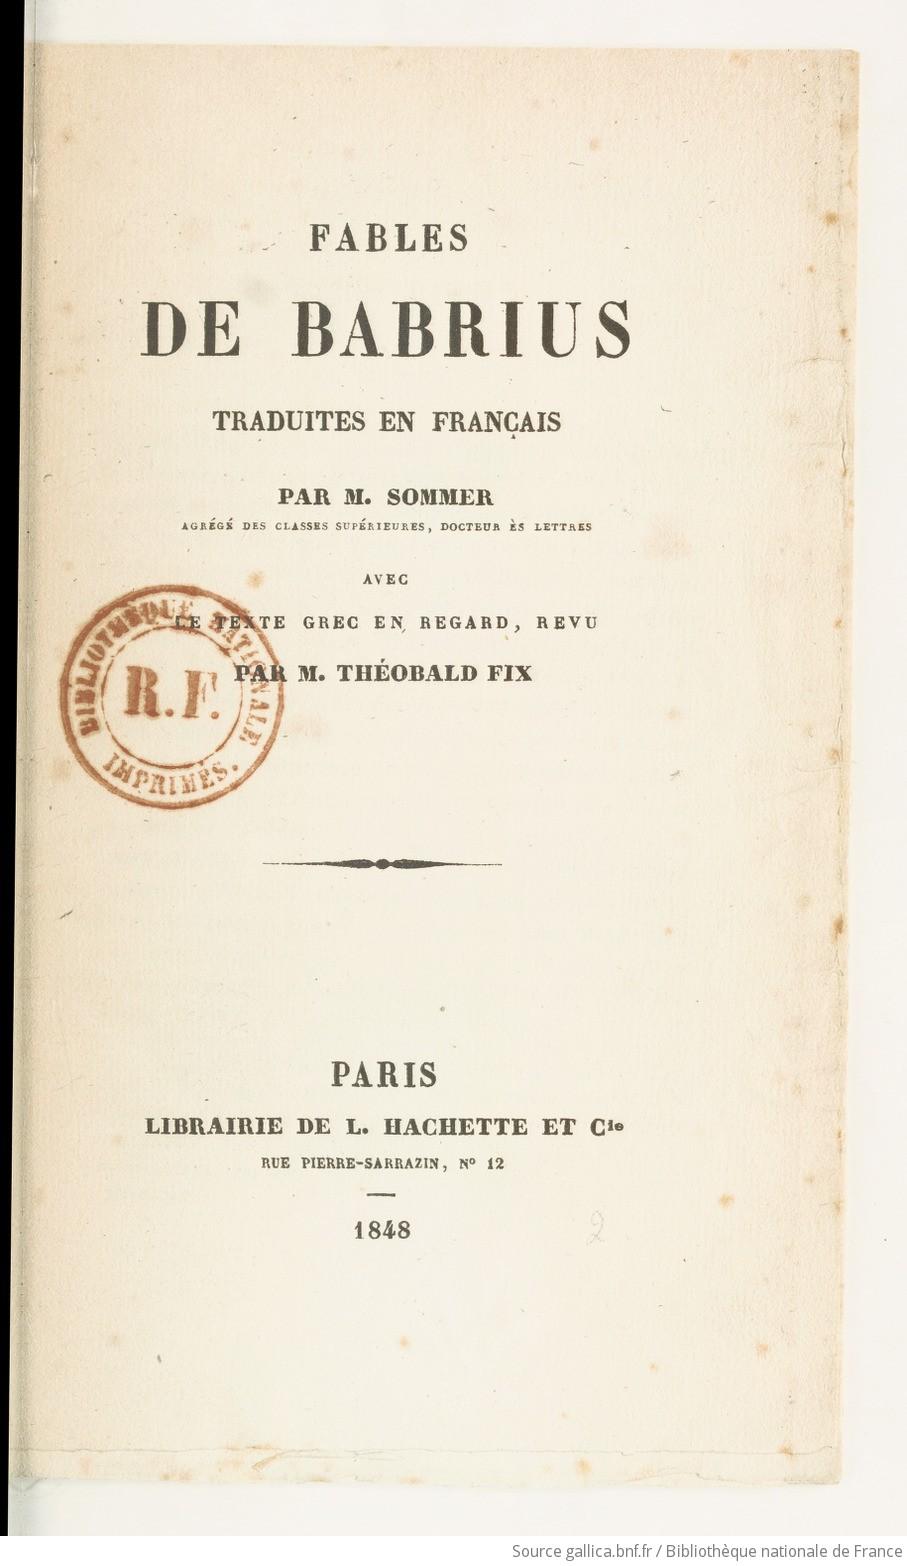 Fables de Babrius / traduites en français par M. Sommer,... ; avec le texte grec en regard, revu par M. Théobald Fix   Gallica